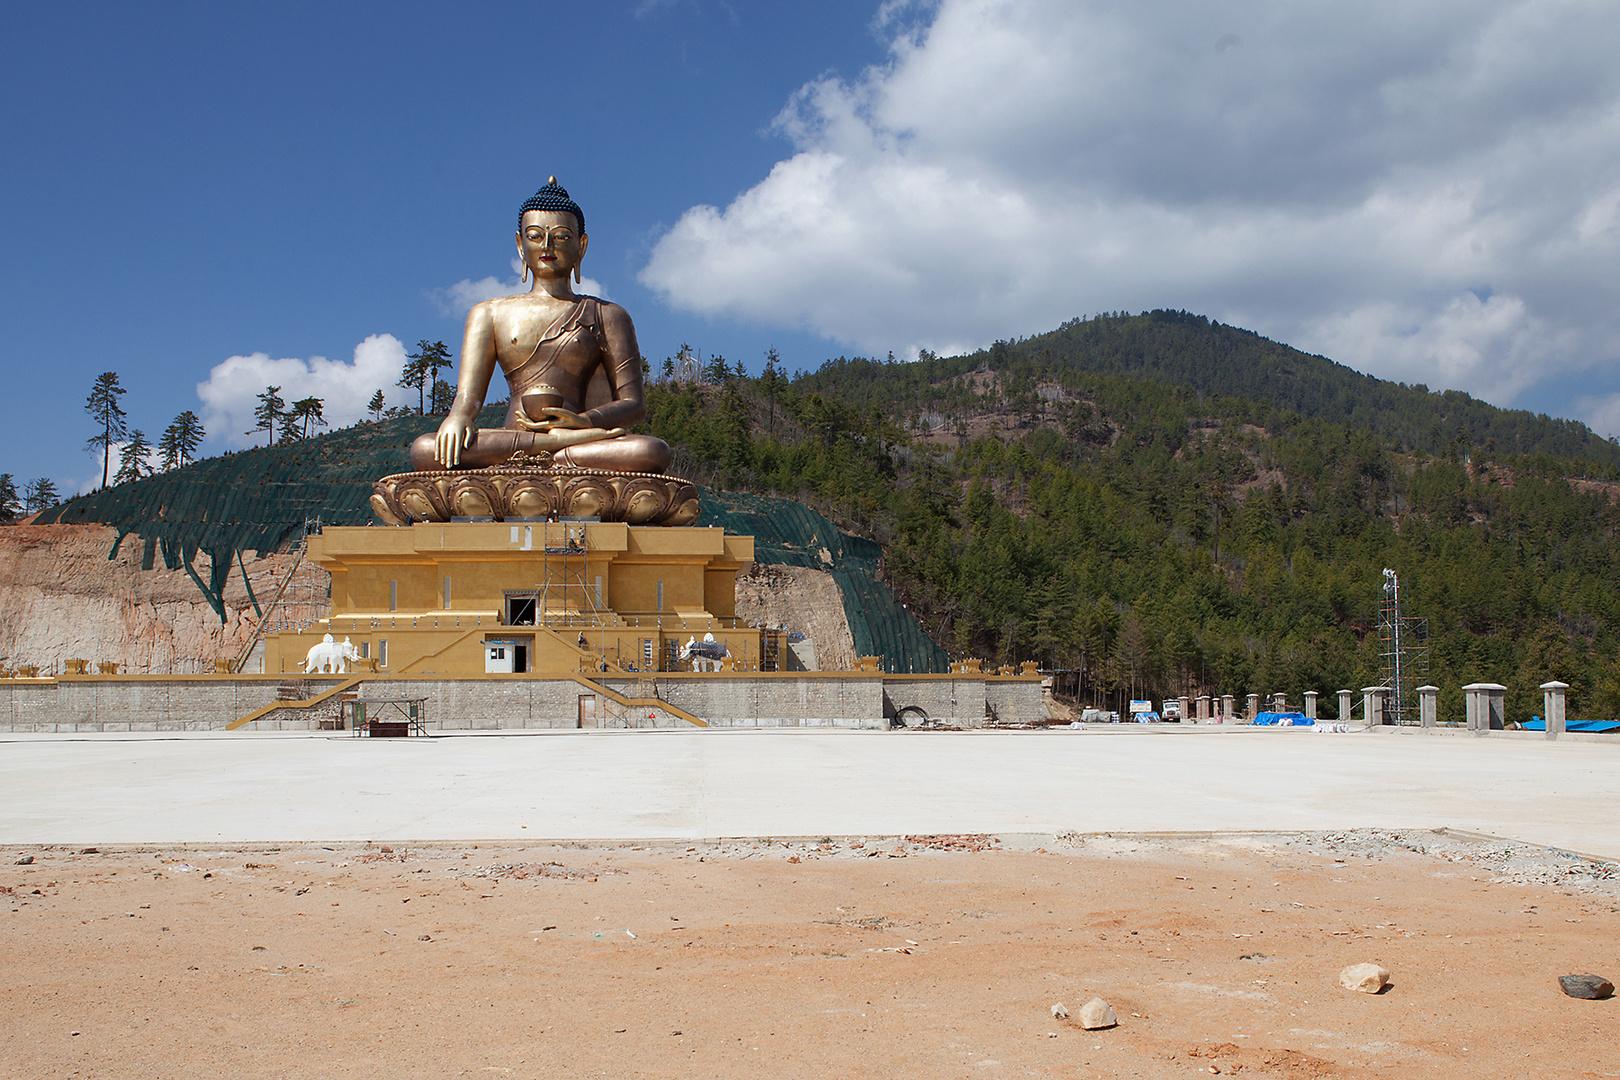 Sieh nicht auf die goldene Maske, sondern auf das Gesicht des Buddha dahinter. (Aus China)